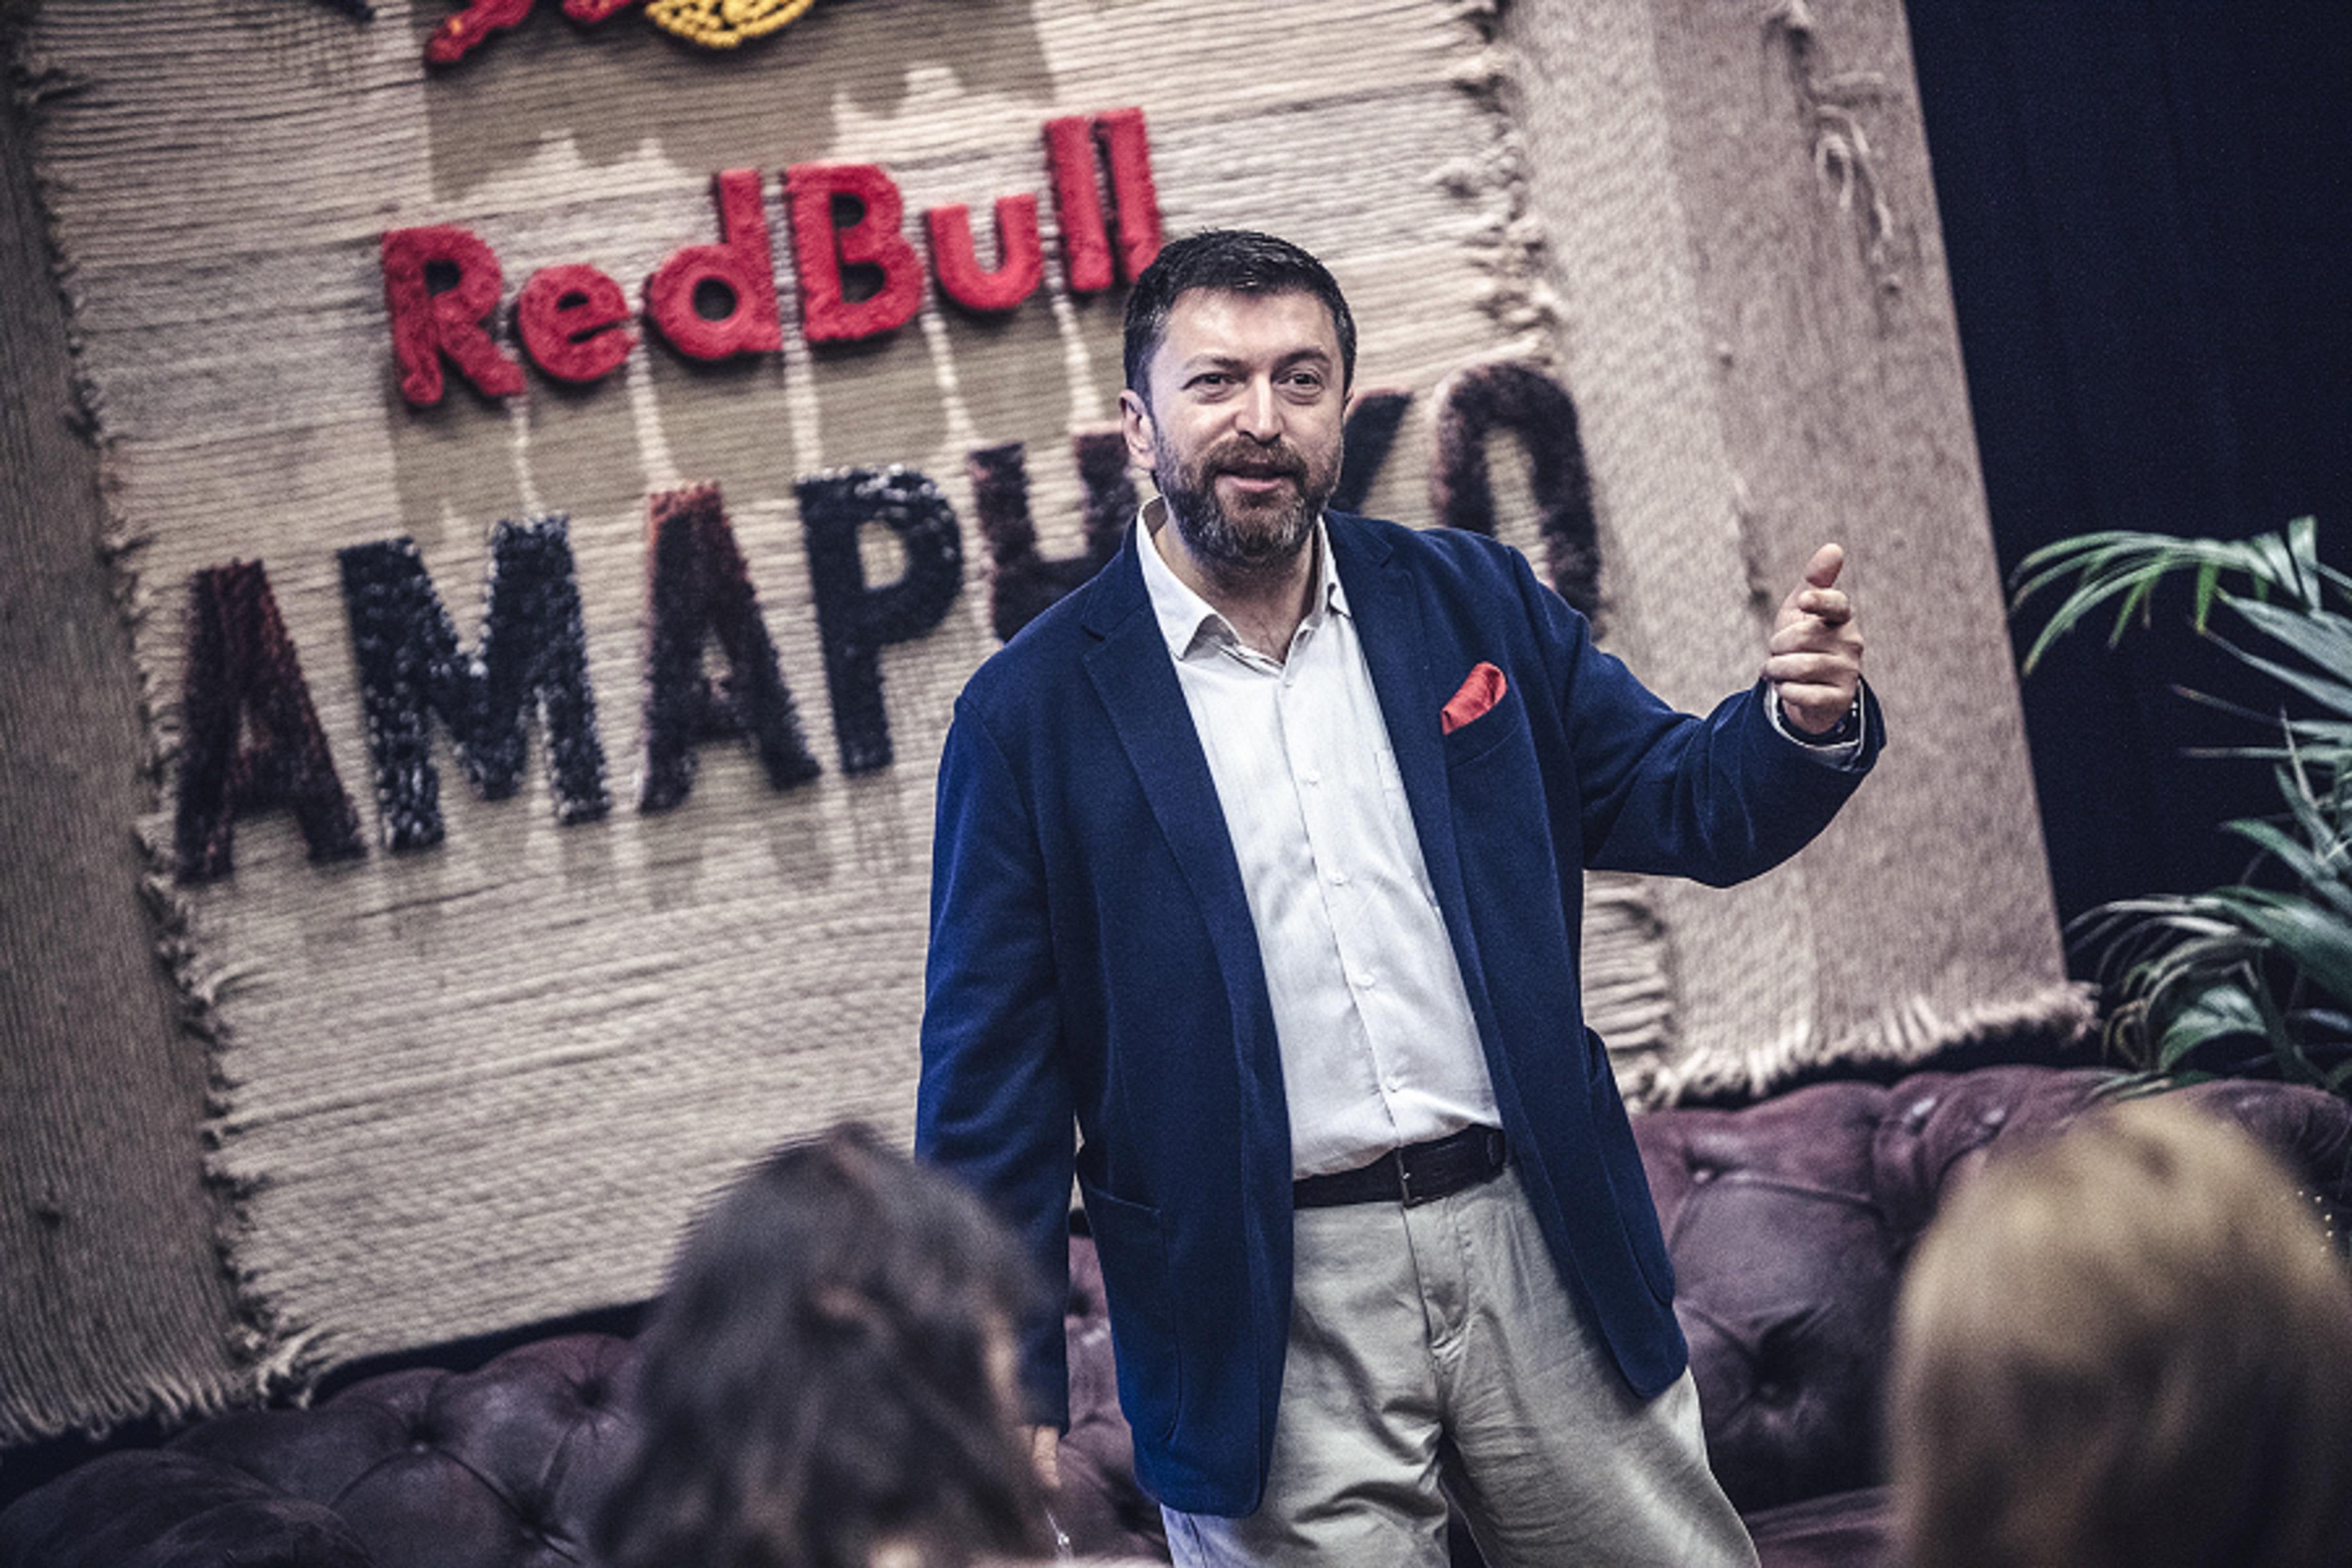 RedBull.com'un video röportaj serisi 'İçimdeki Ses 'in yeni konuğu teknoloji alanındaki bilgisi ile kamuoyunu aydınlatan gazeteci Serdar Kuzuloğlu oldu.